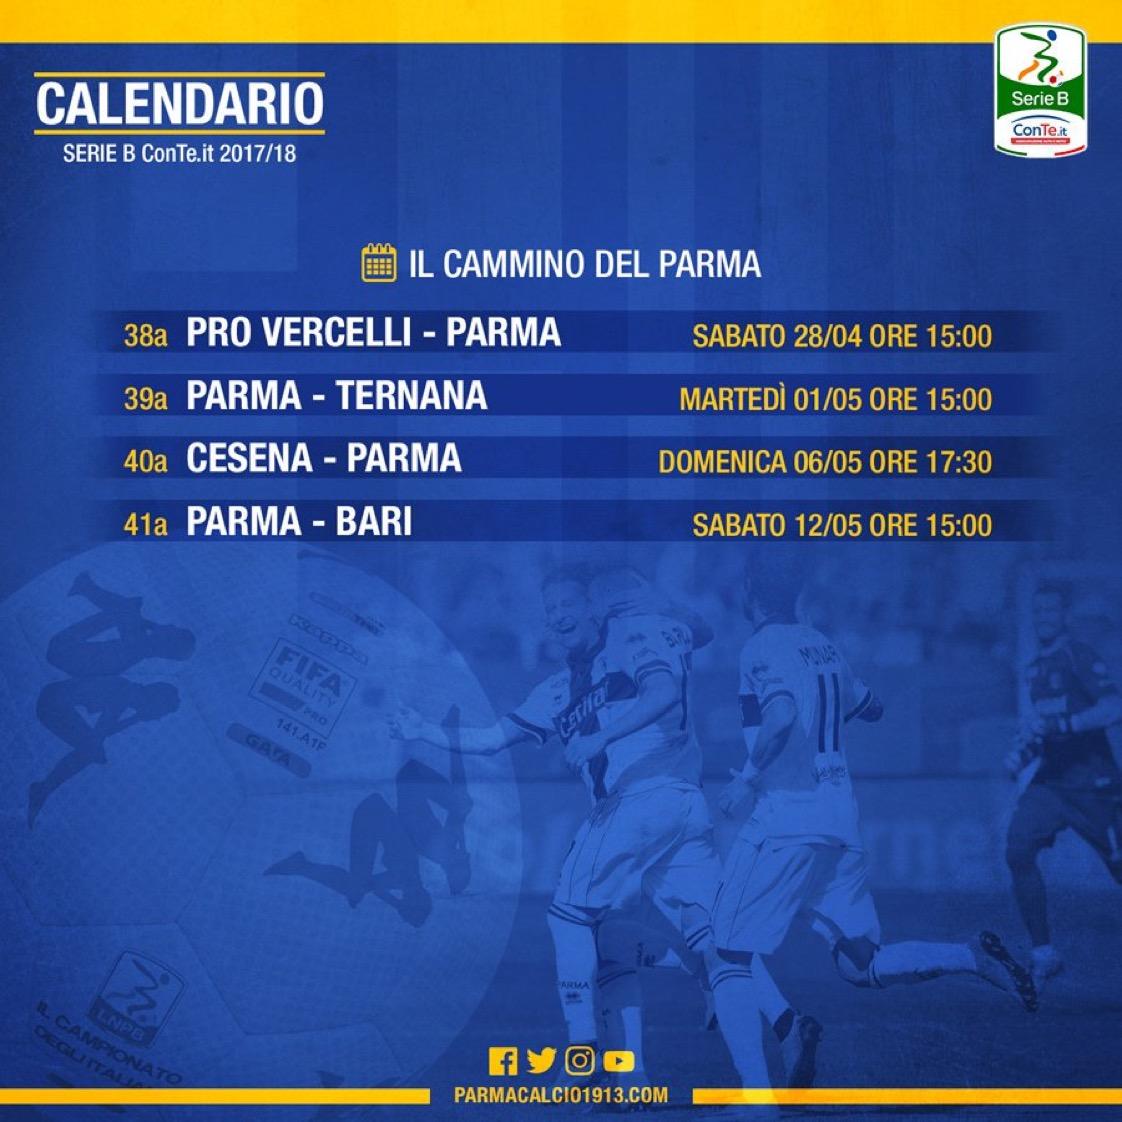 Calendario Serie B Bari.Parma Il Calendario Fino Alla 41esima Col Bari Sabato 12